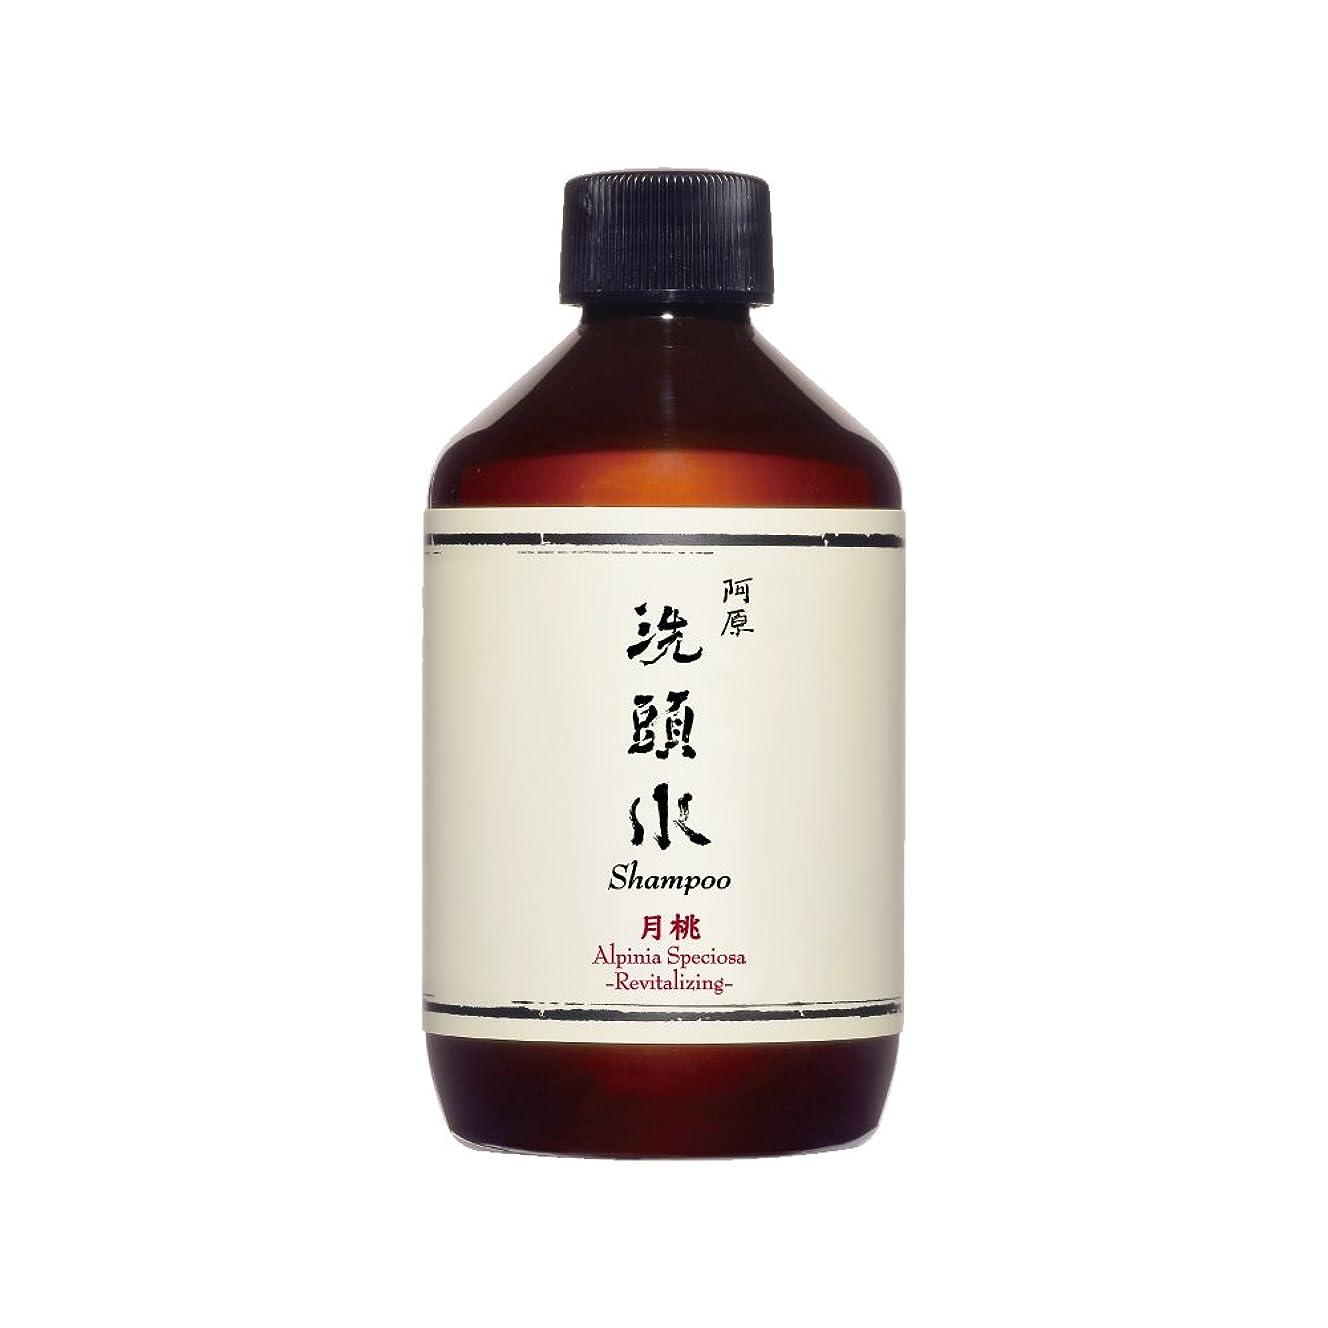 トランクライブラリ物語腹YUAN(ユアン) 月桃(ゲットウ)スカルプシャンプー 50ml